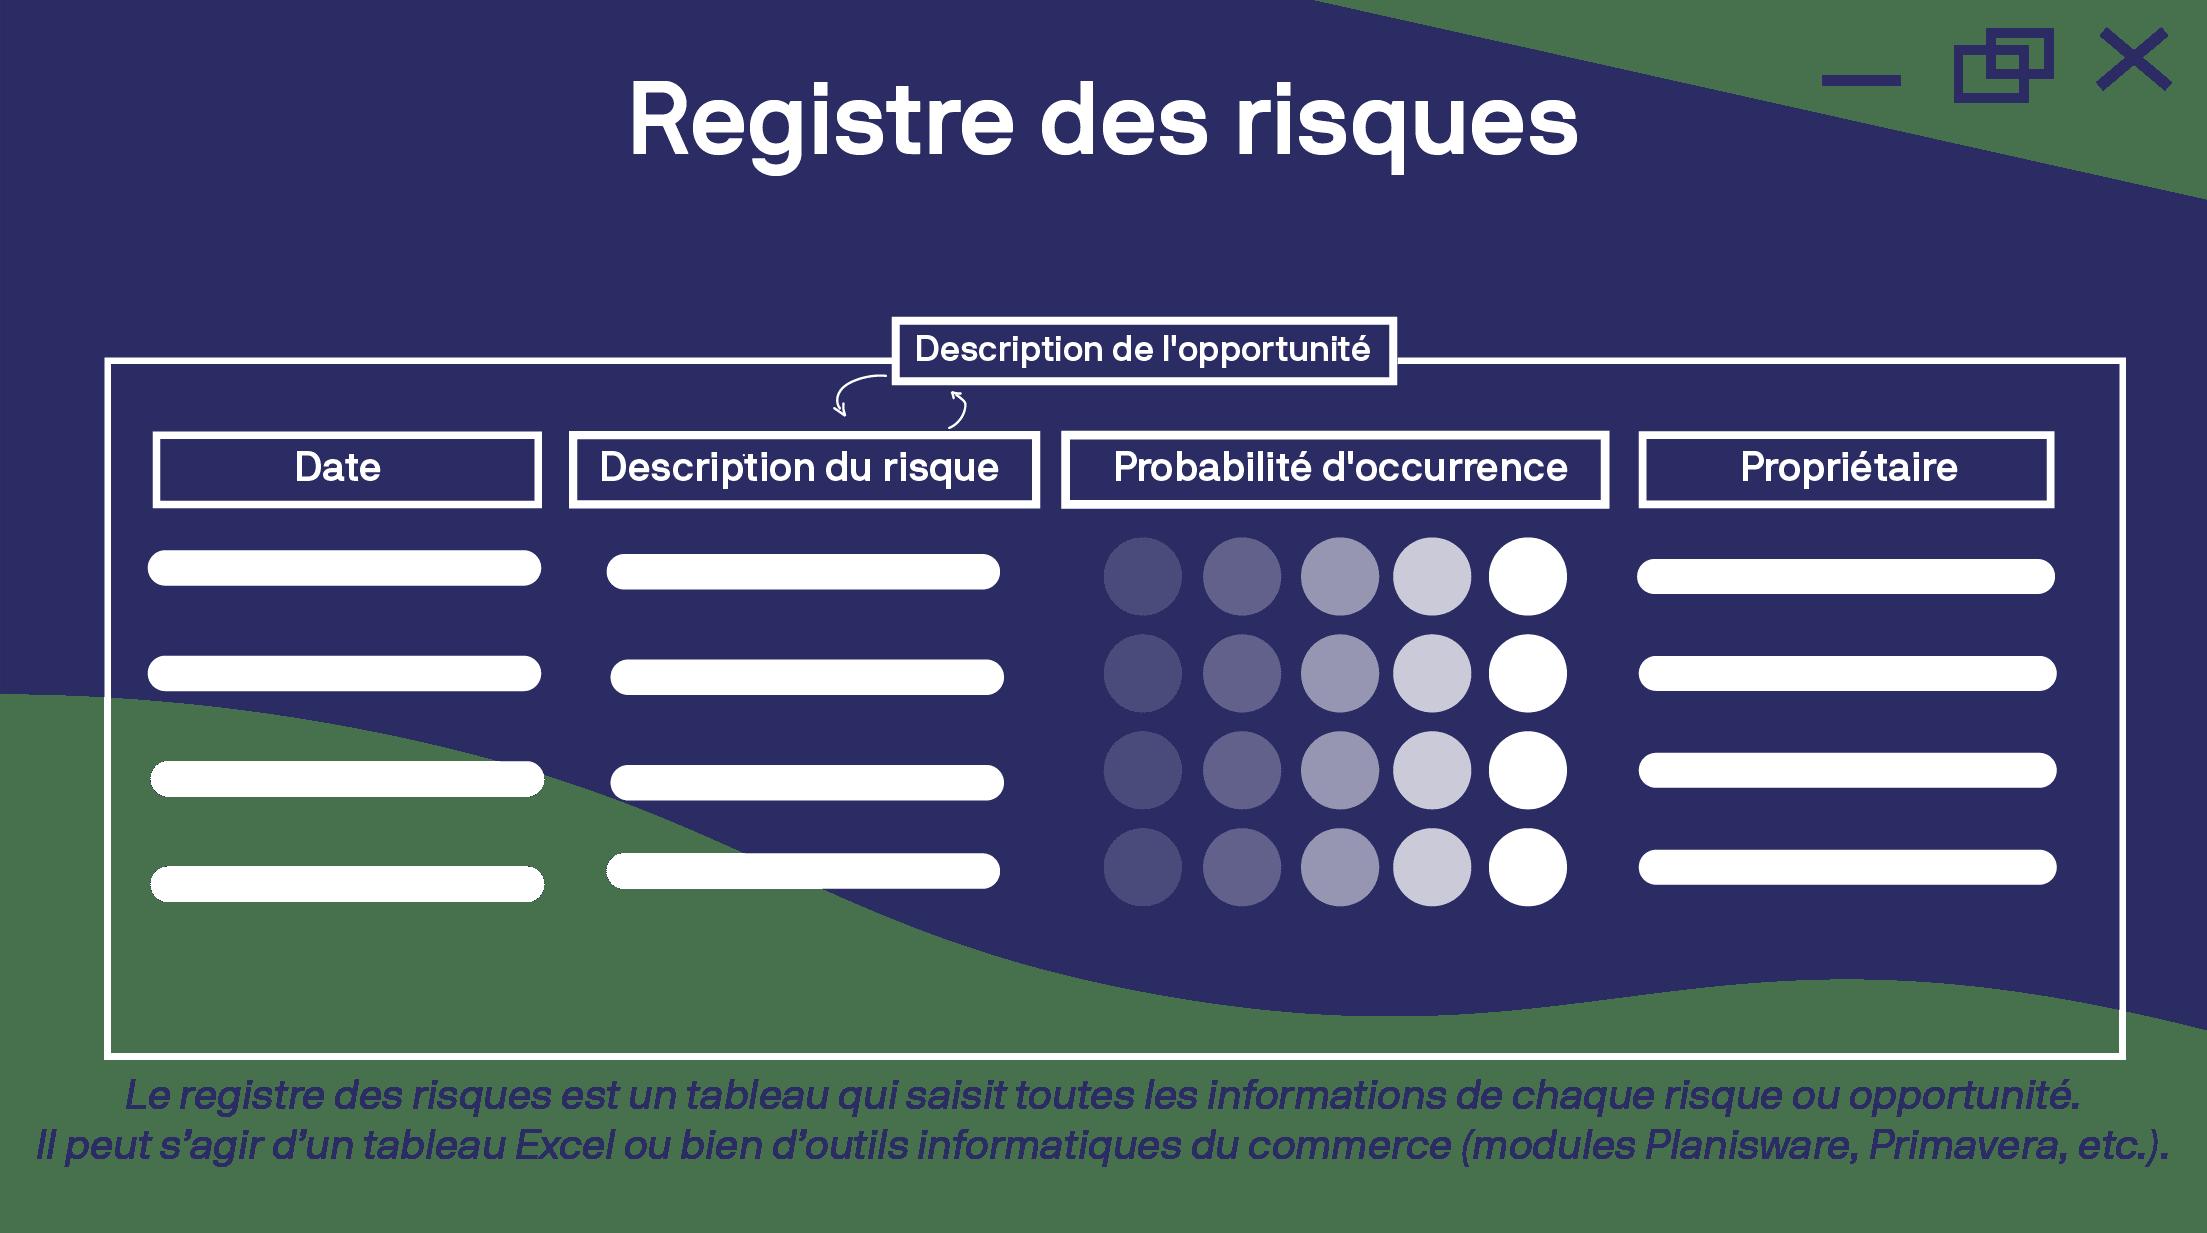 graphique stylisé avec des représentations de forme des listes de registres des risques